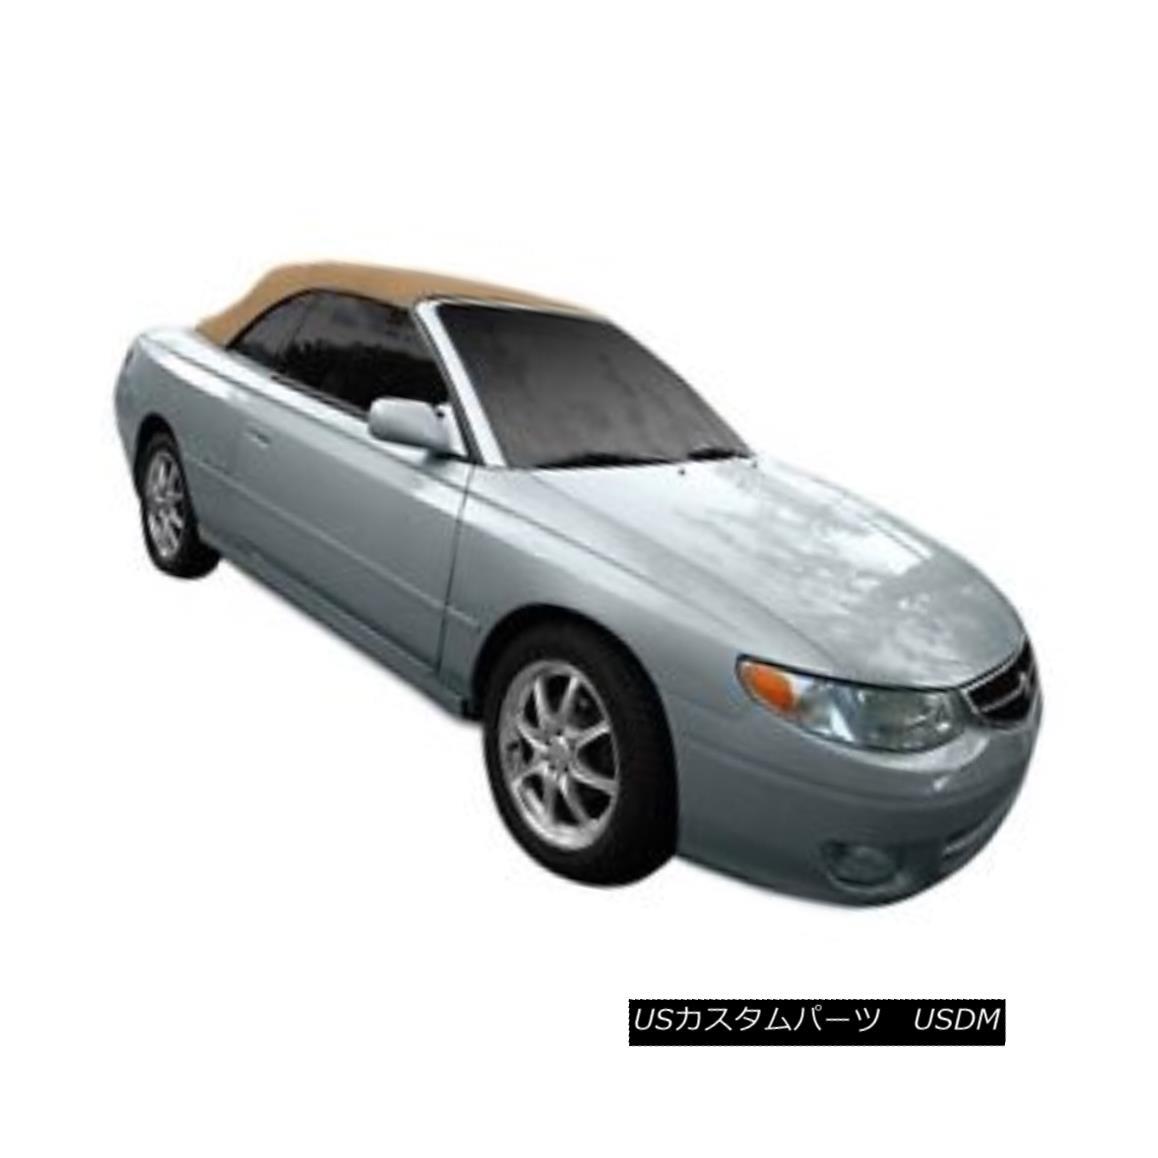 幌・ソフトトップ TOYOTA Solara Convertible Soft Top With Plastic Window 1999-2003 Tan Pinpoint TOYOTAソララ・コンバーチブル・ソフトトップ(プラスチック窓付き)1999-2003 Tan Pinpoint